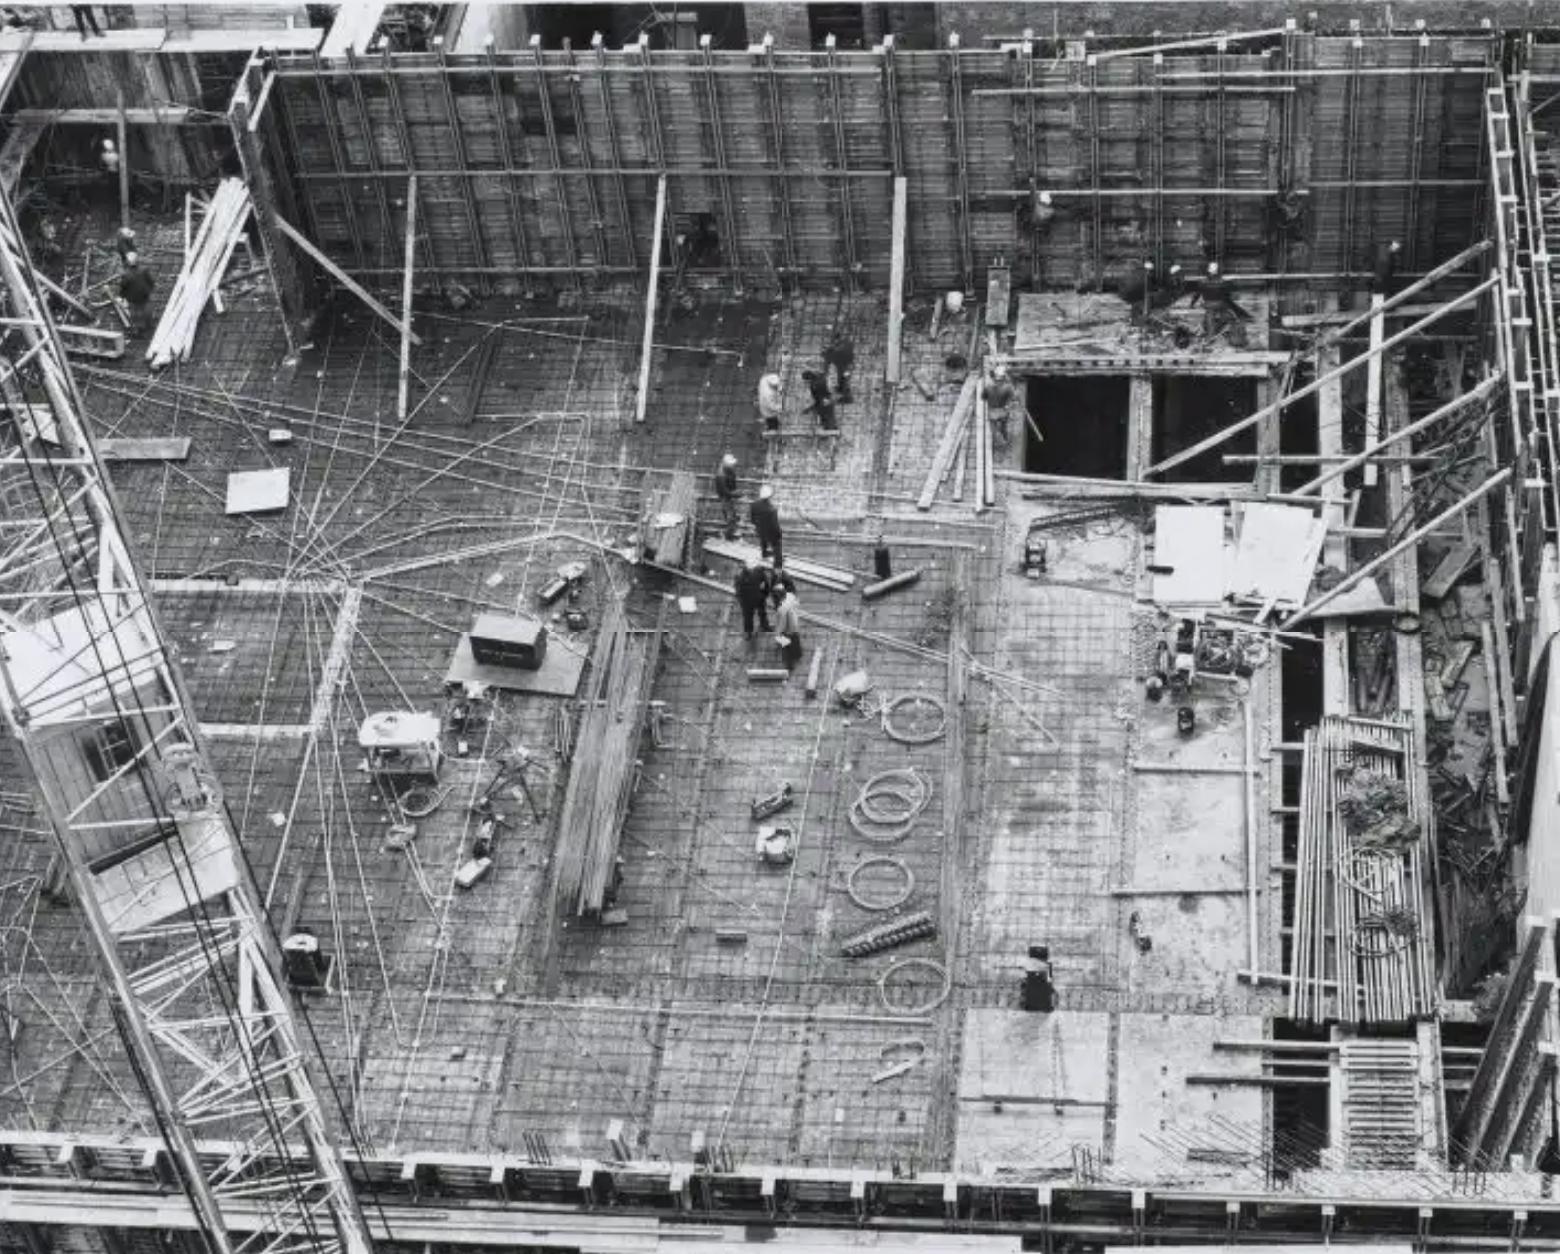 Construction view - reinforced concrete